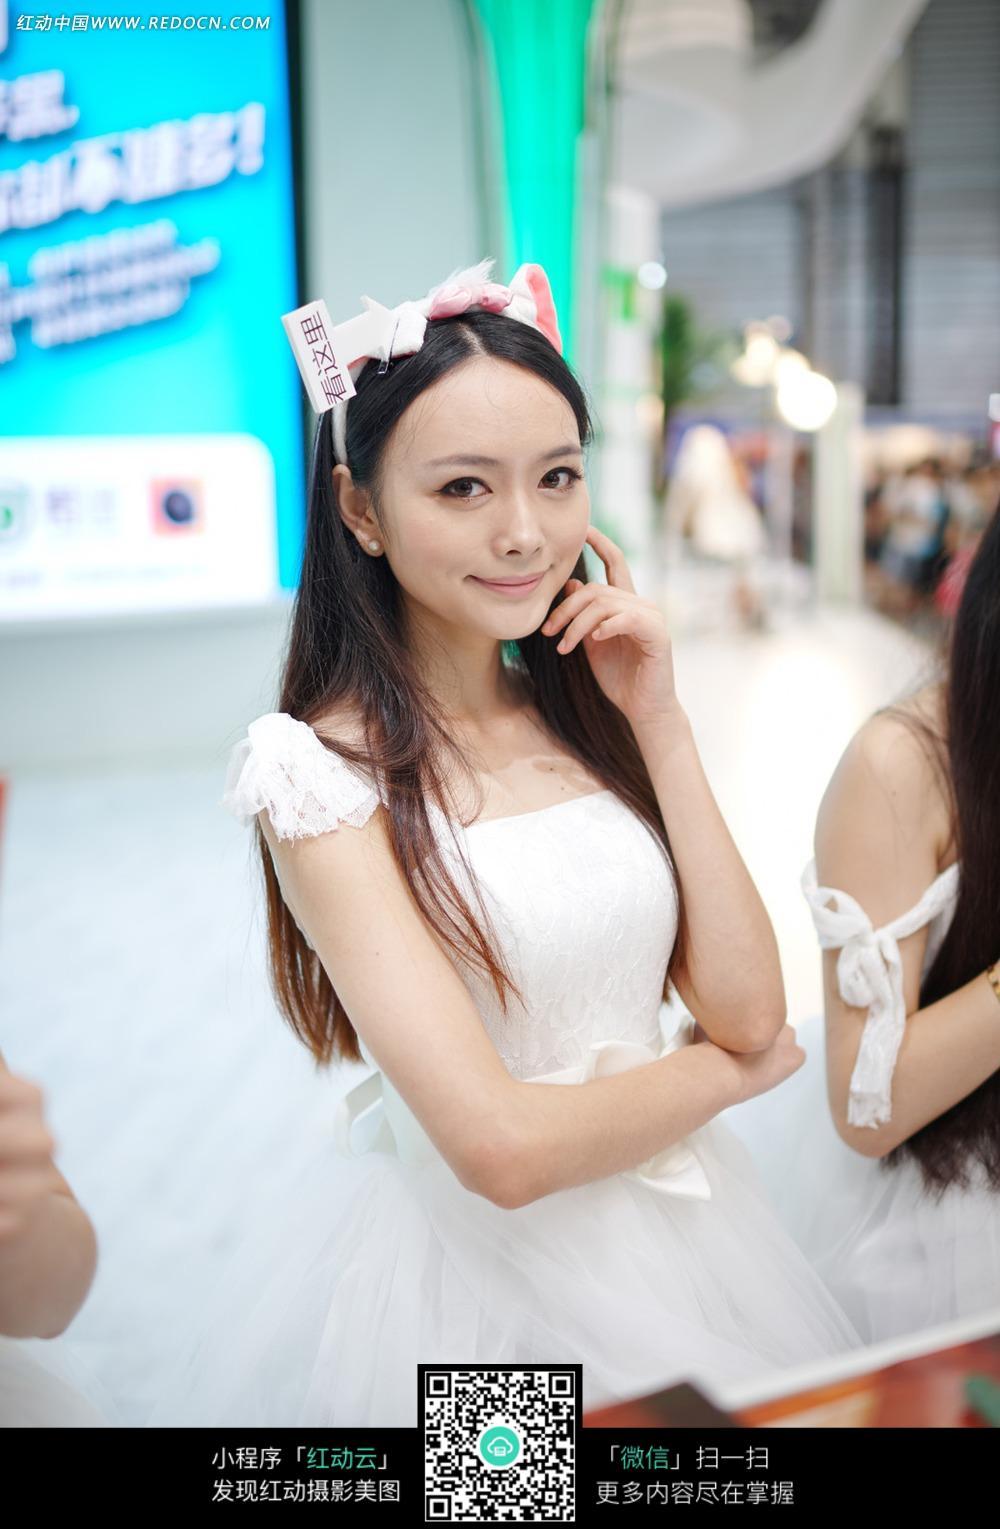 穿着白色礼服的美女图片